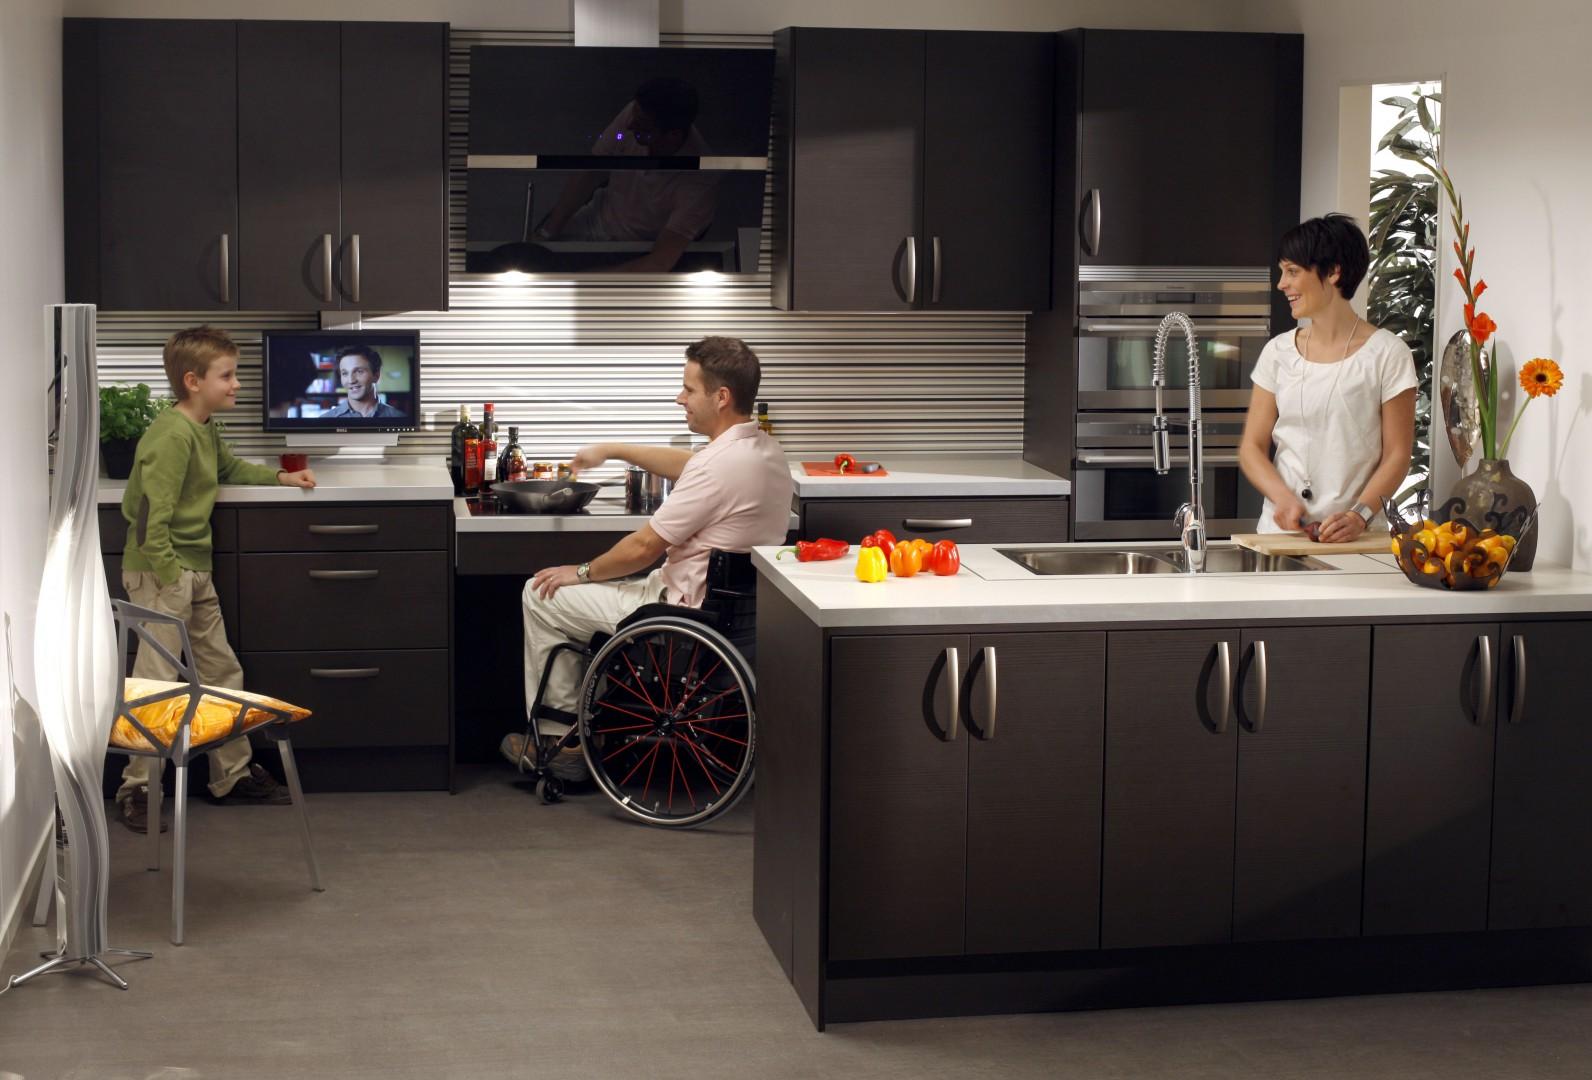 BASELIFT 6200W. Wyciągi jsą wyposażone w niezawodny system bezpieczeństwa, który gwarantuje bezpieczną pracę. Fot. Granberg Germany GmbH